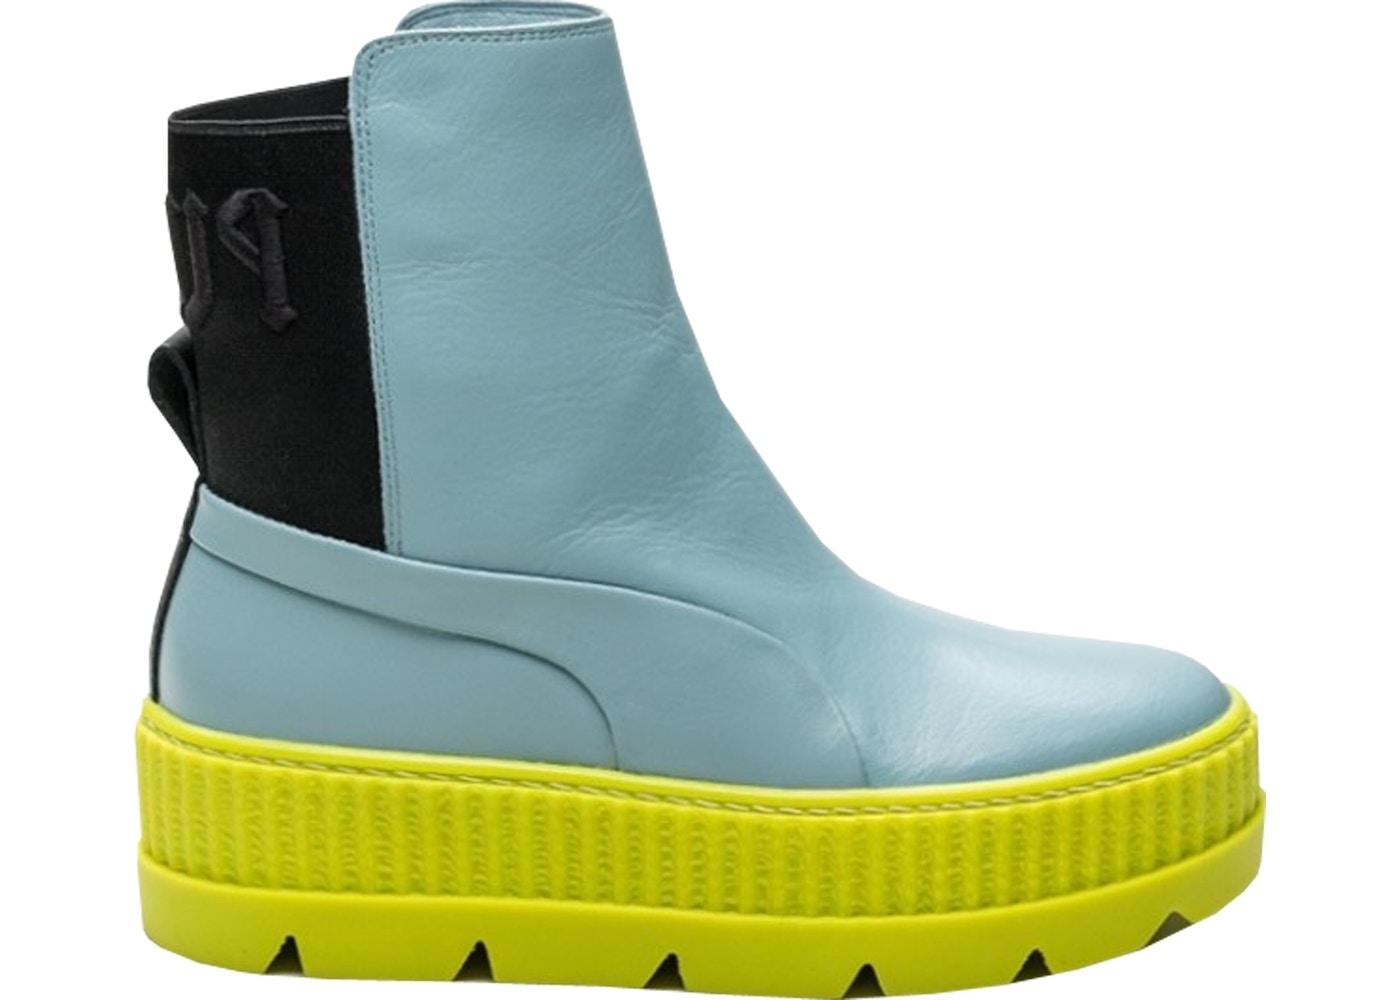 geweldige aanbiedingen 2017 herfst schoenen voortreffelijk ontwerp Puma Chelsea Sneaker Boot Rihanna Fenty Sterling Blue (W)